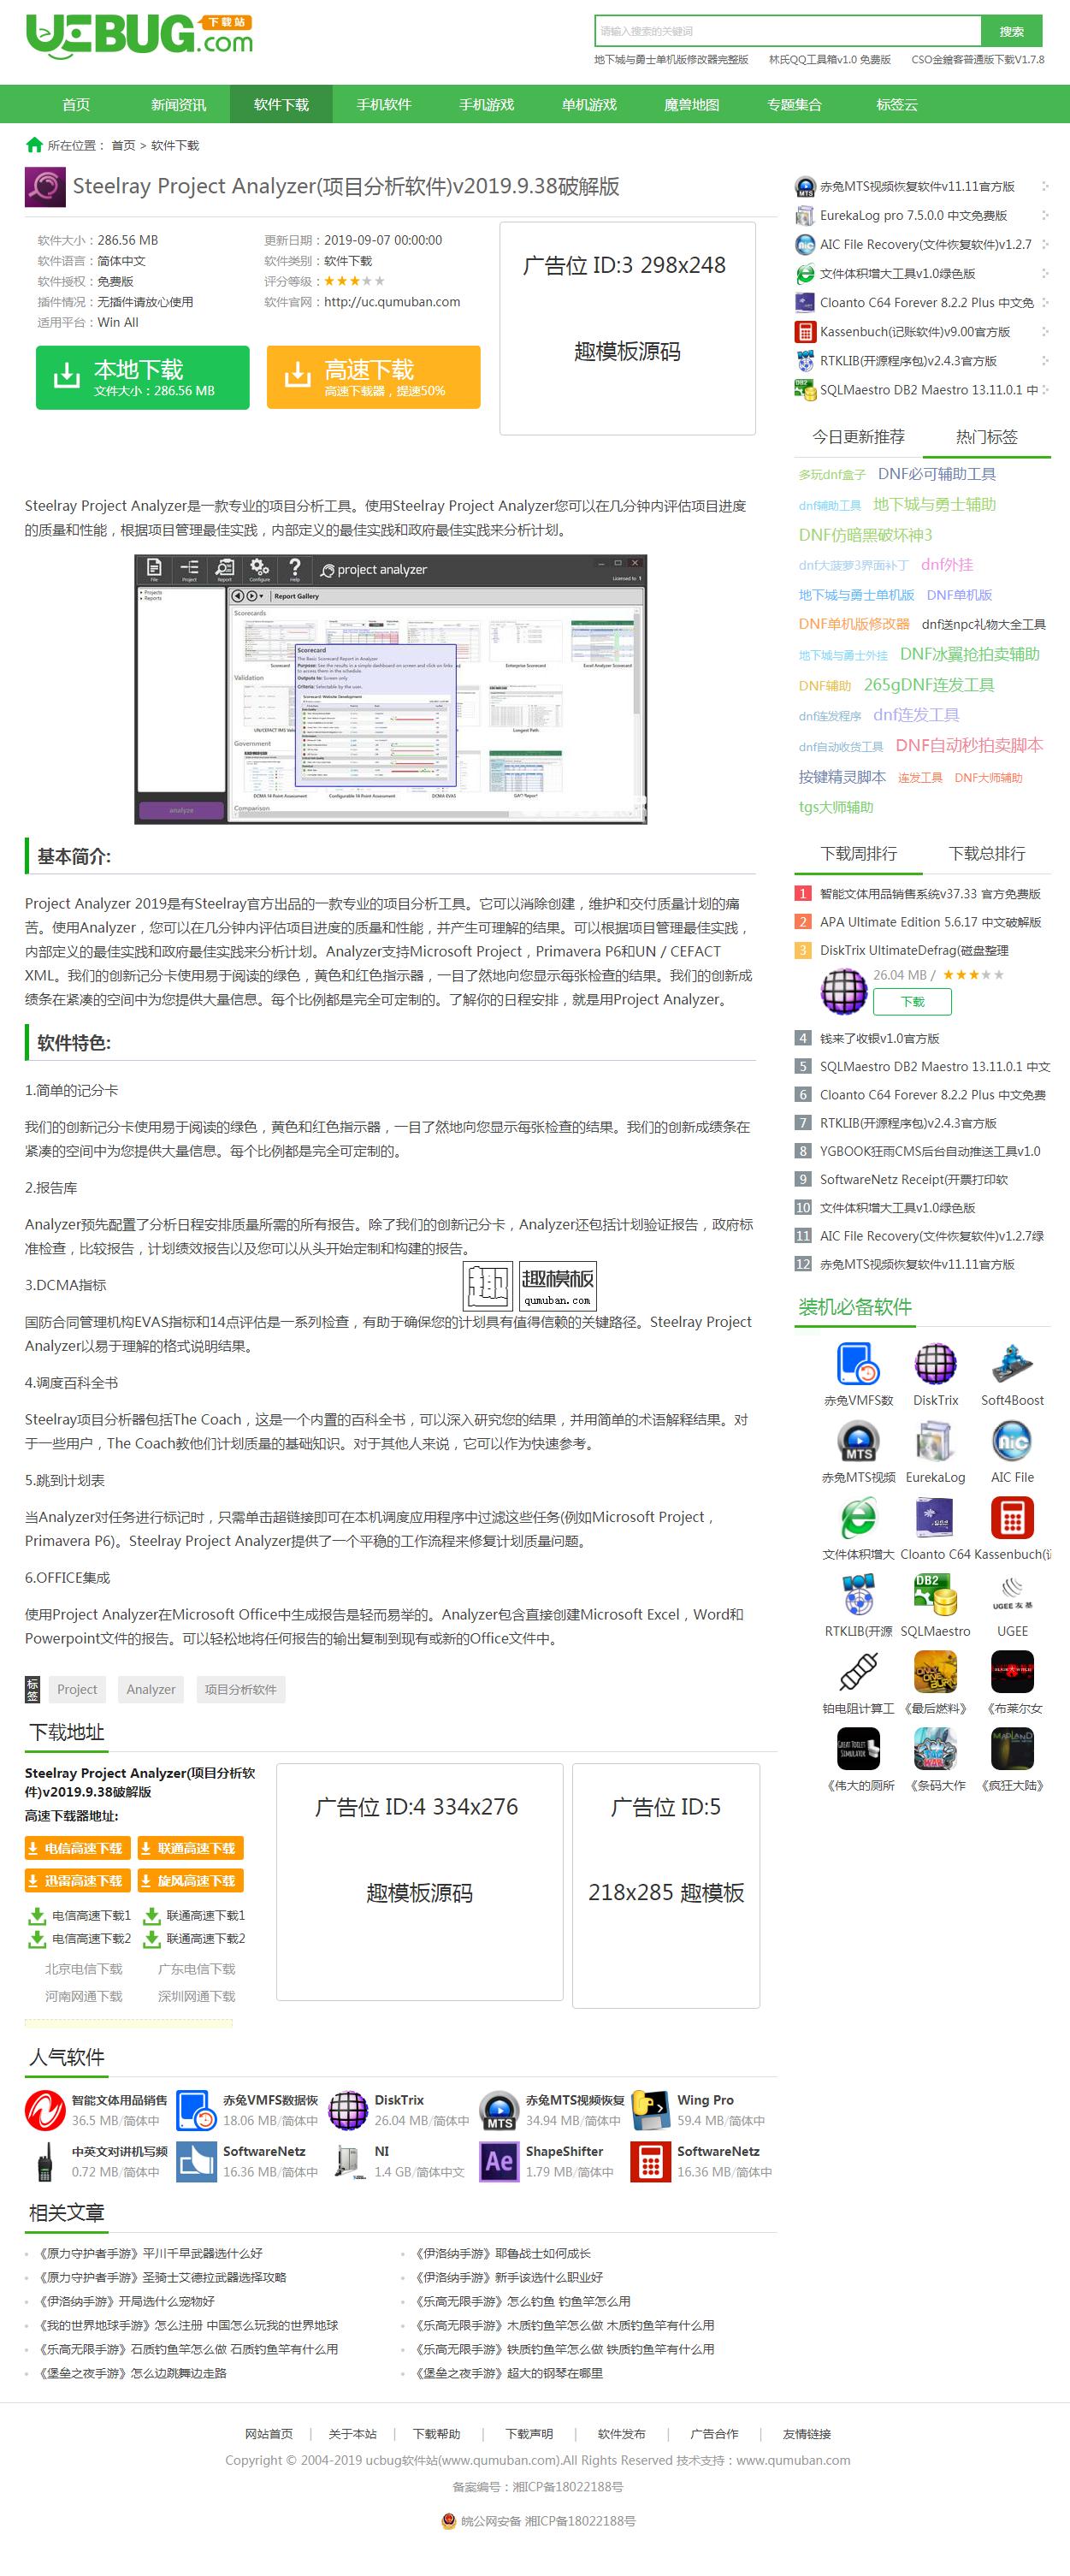 92仿《ucbug软件站》源码 电脑手机应用软件游戏下载站模板 带手机站+TGA+同步生成 网站源码 第4张